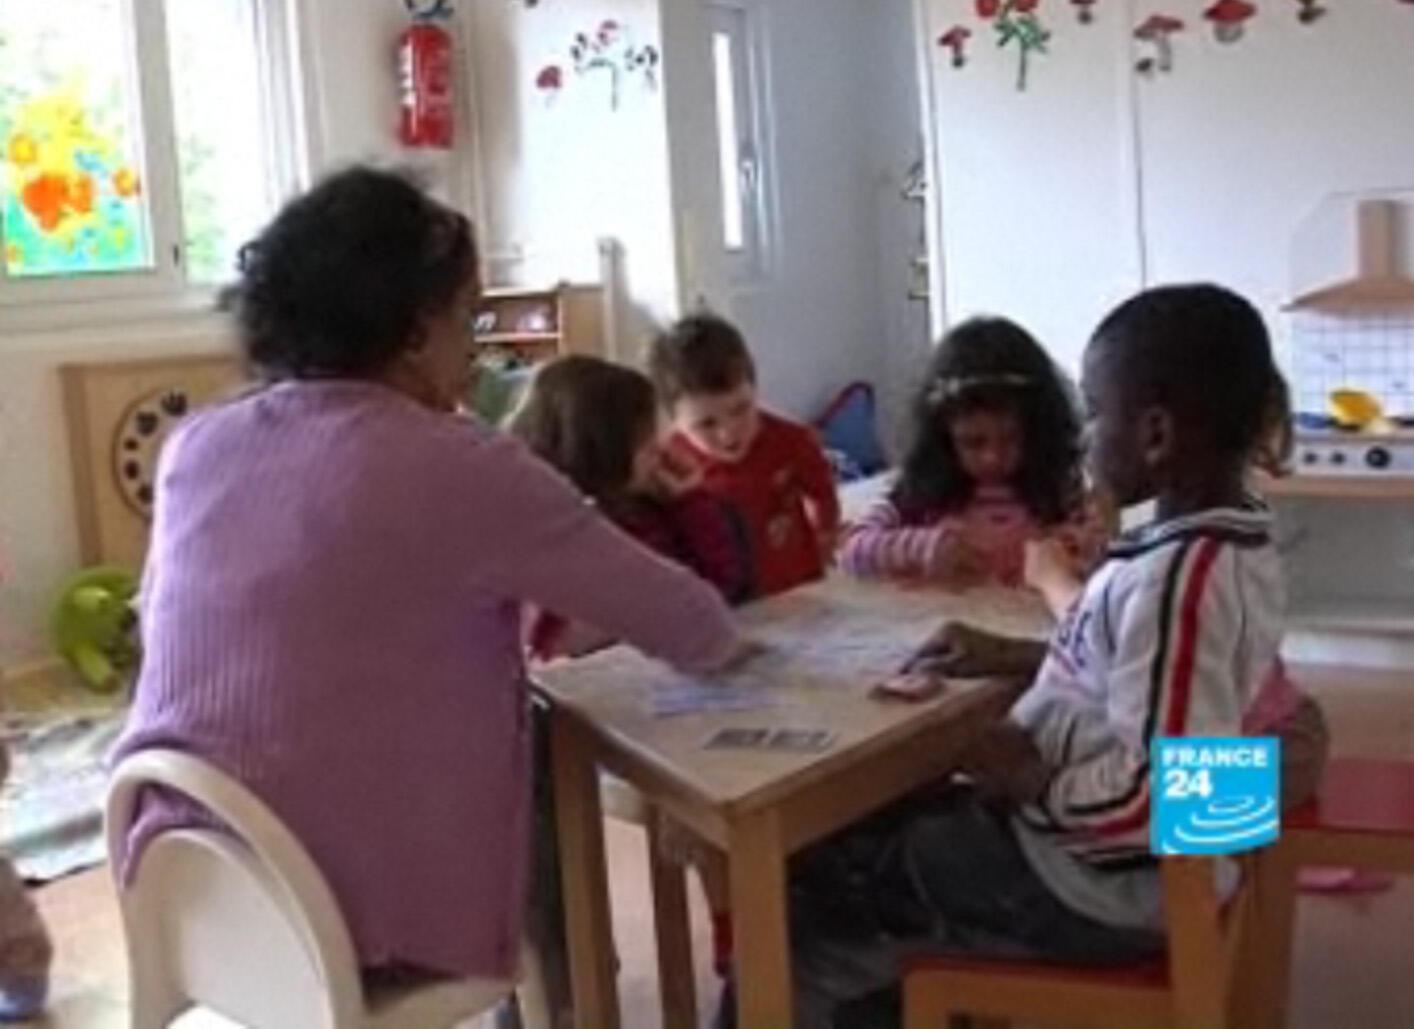 Scène de vie à la crèche Baby Loup. Image tirée d'une vidéo d'archive datant du 20 juin 2008 de France 24.